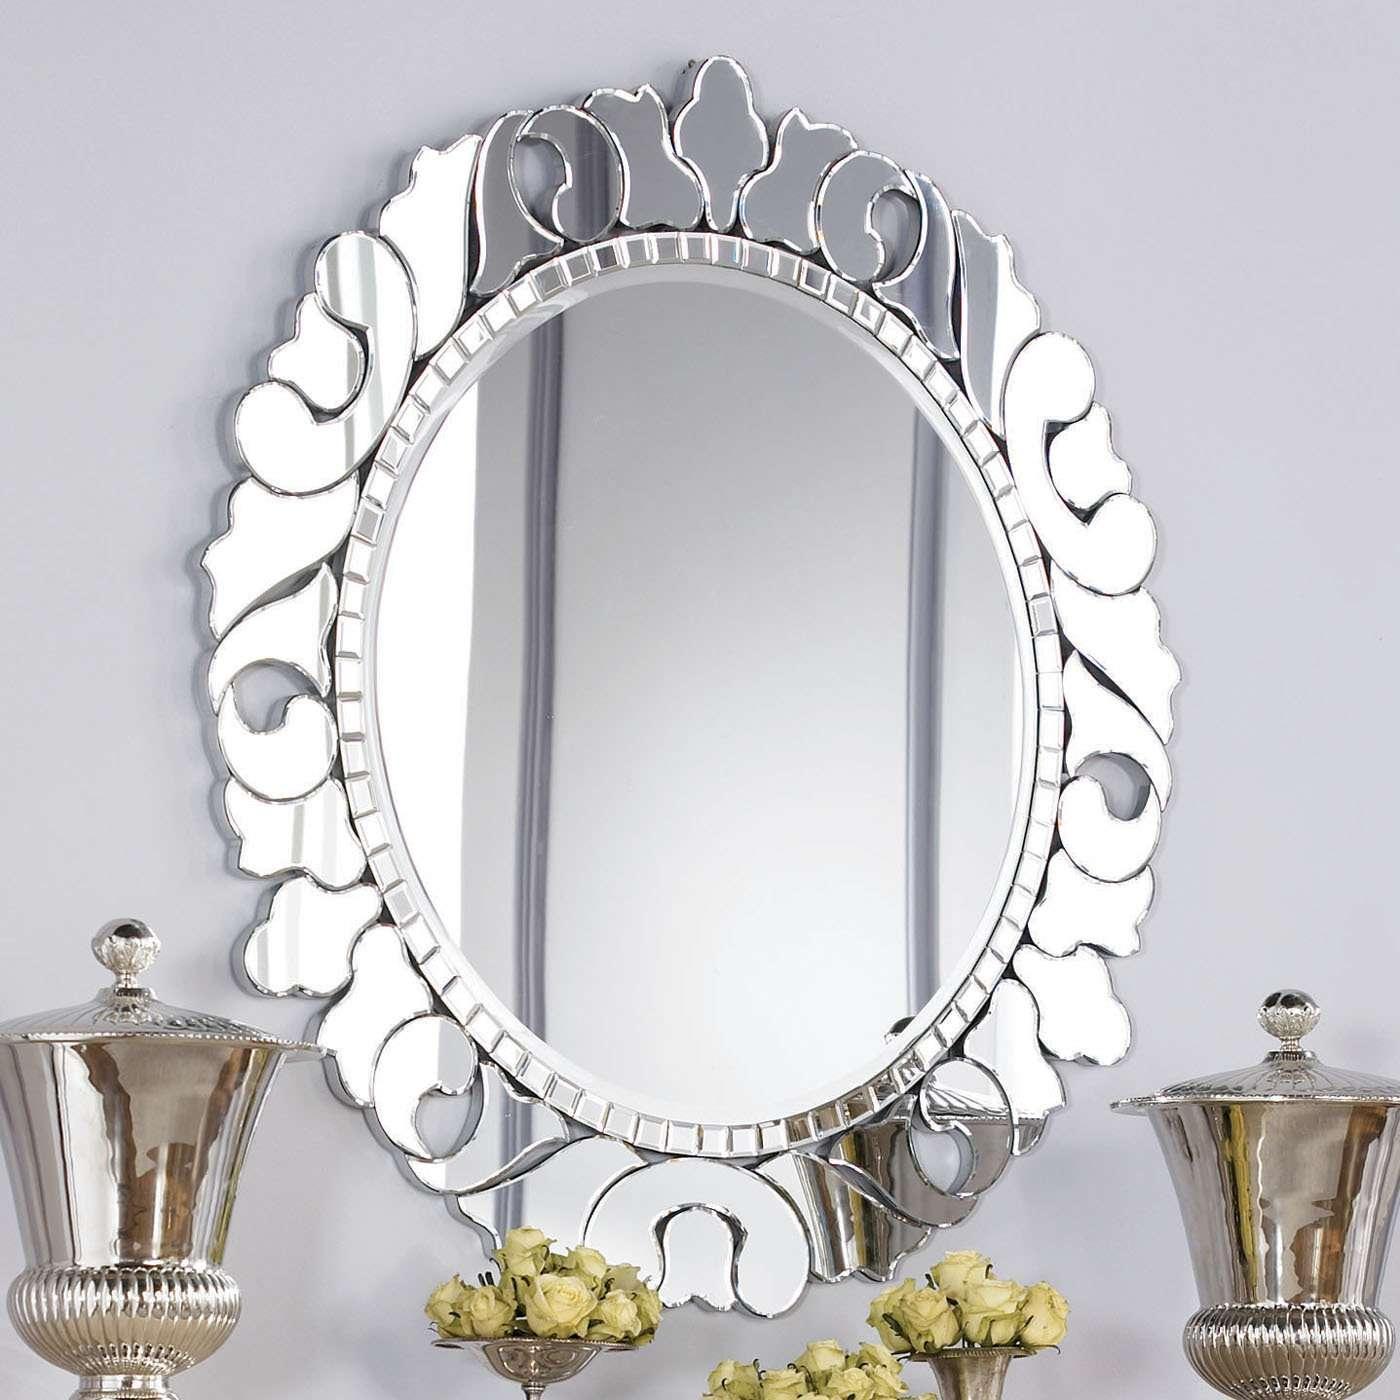 1 - انتخاب آینه و شمعدان مناسب